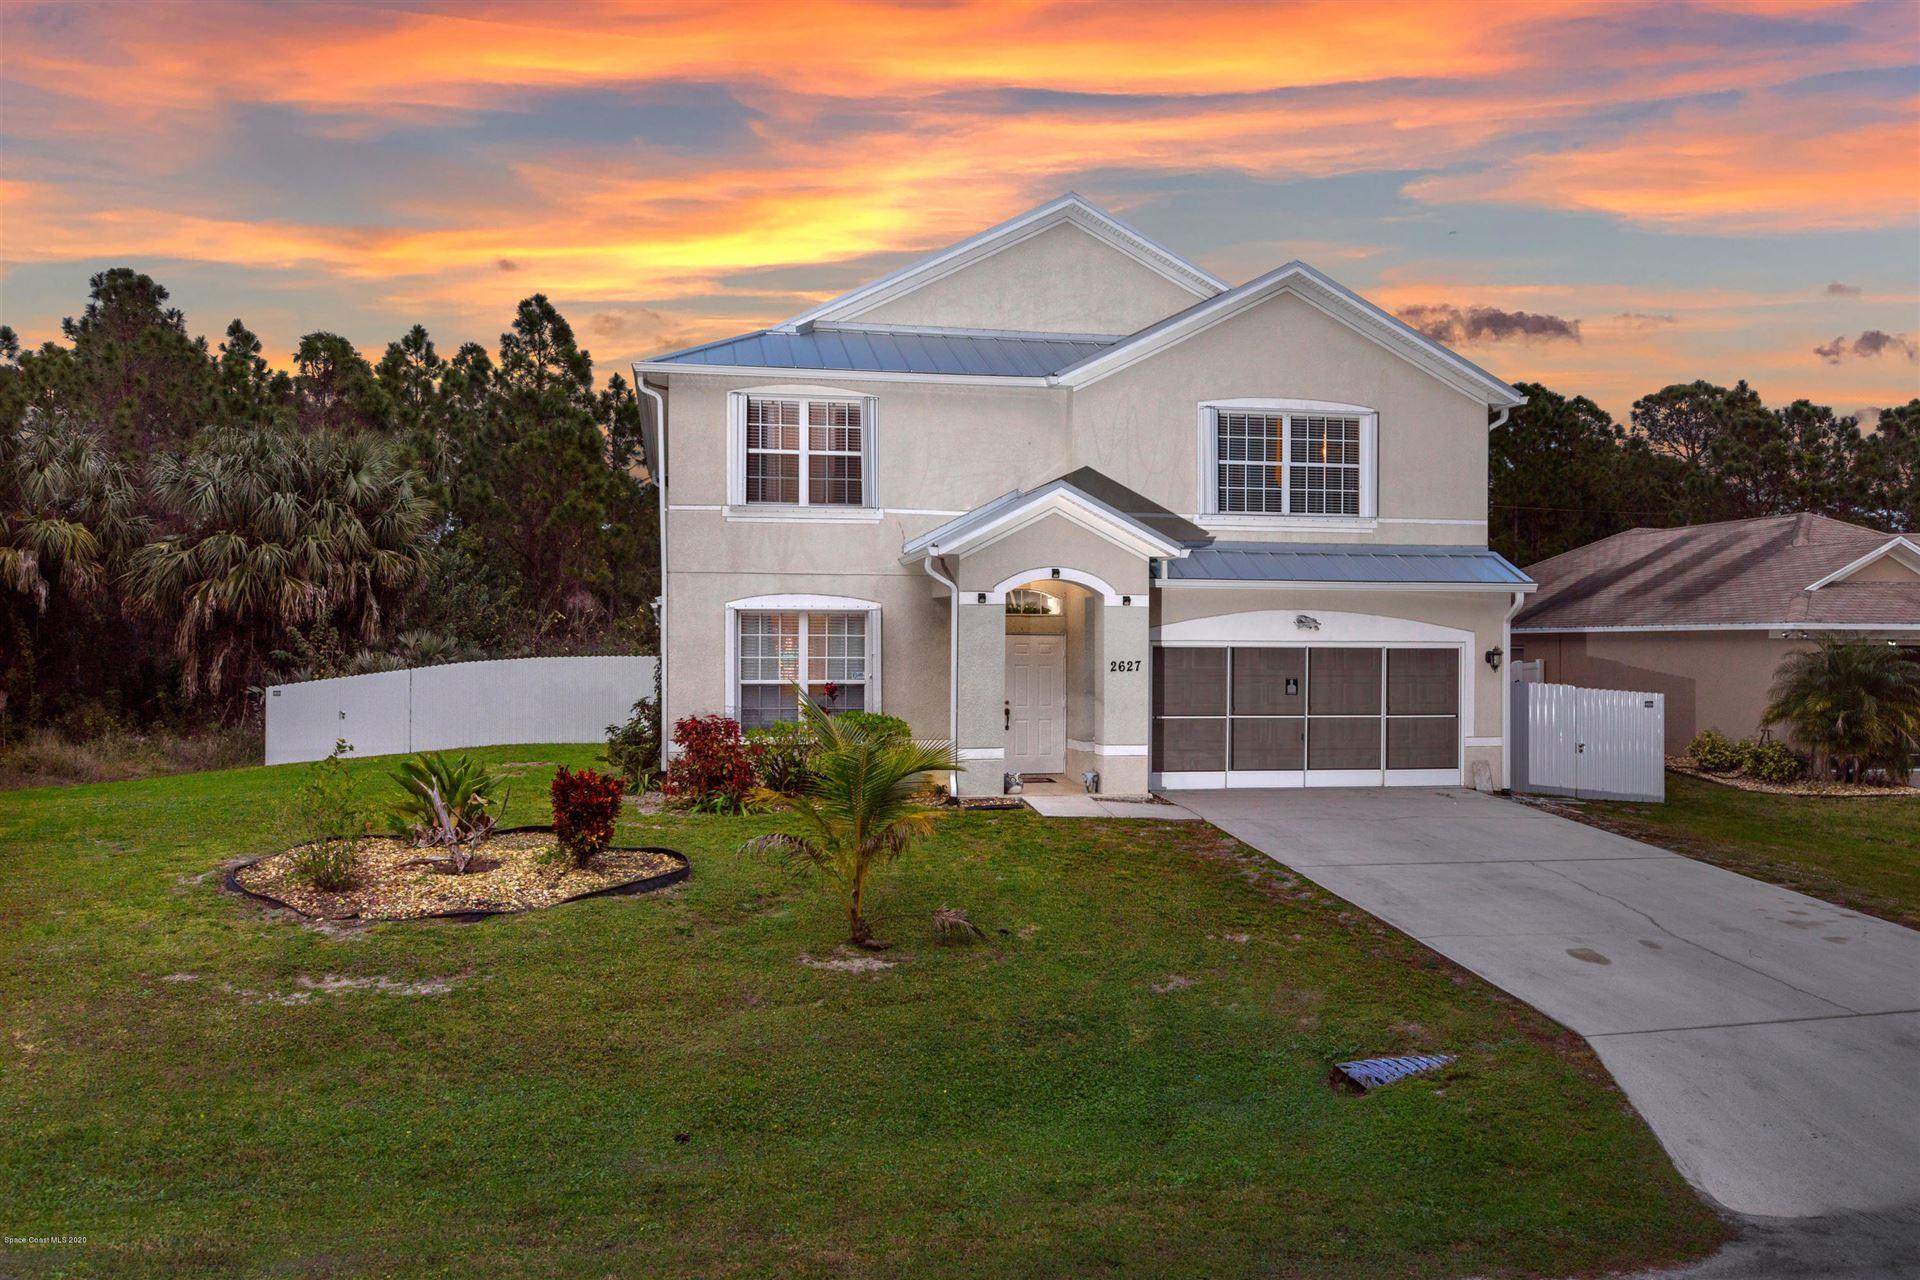 2627 Dennis Avenue, Palm Bay, FL 32909 - #: 866717